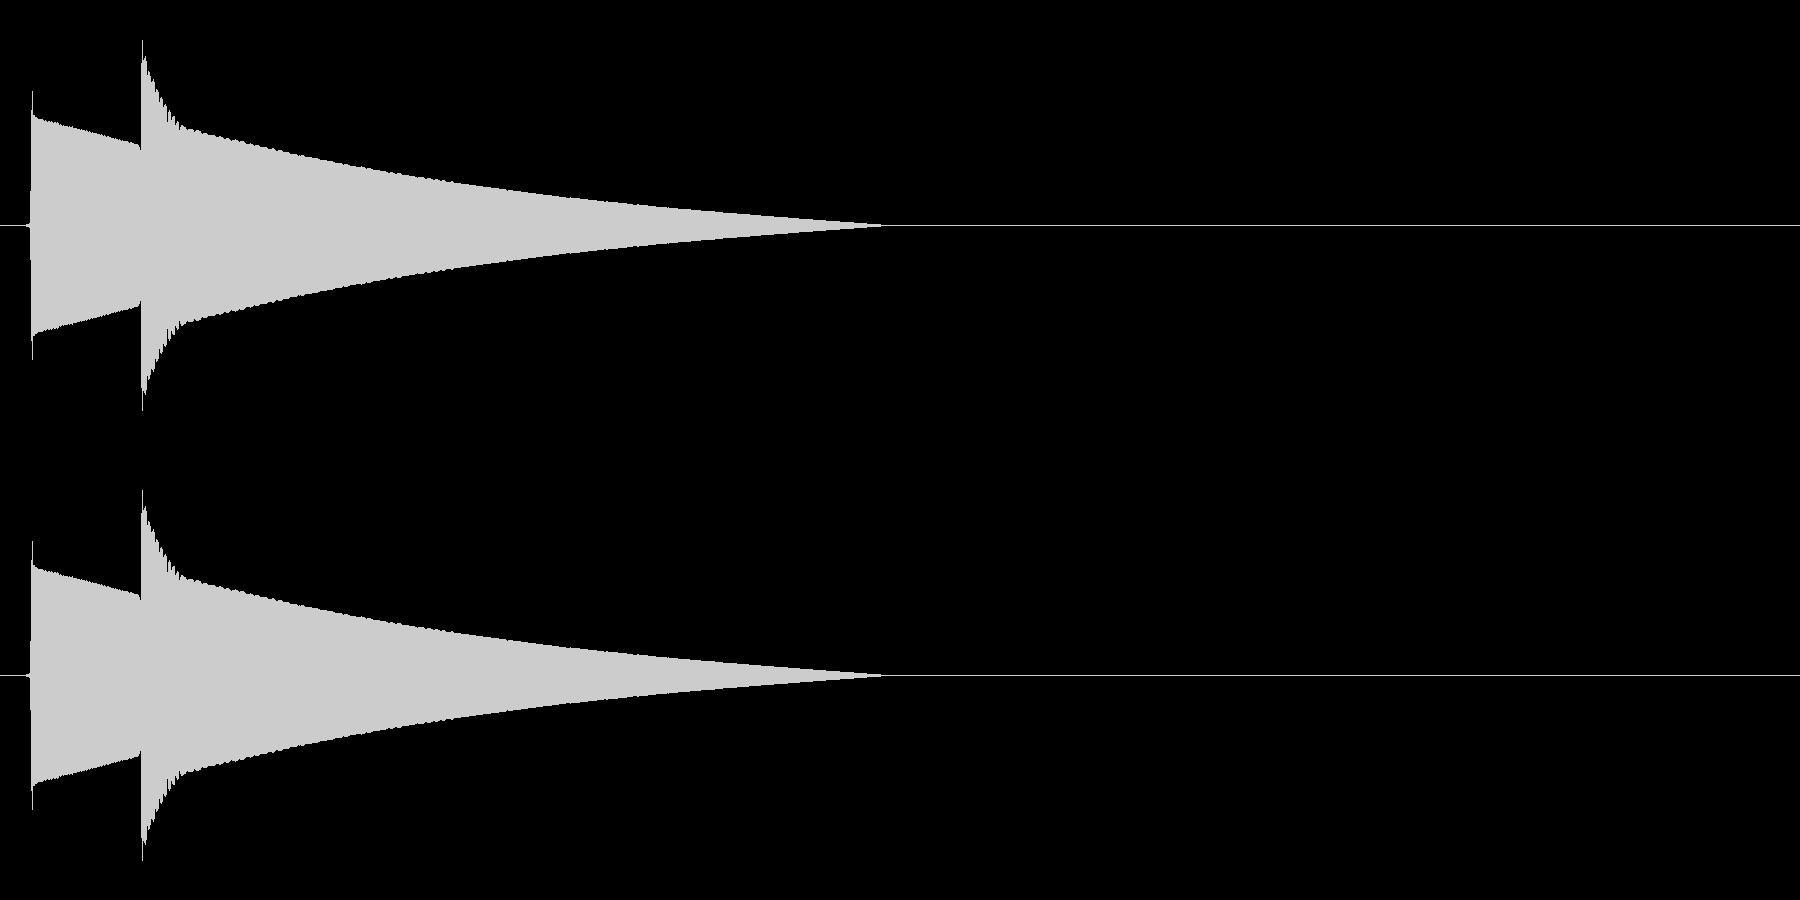 ピポーン(正解、回答、高めの音)の未再生の波形